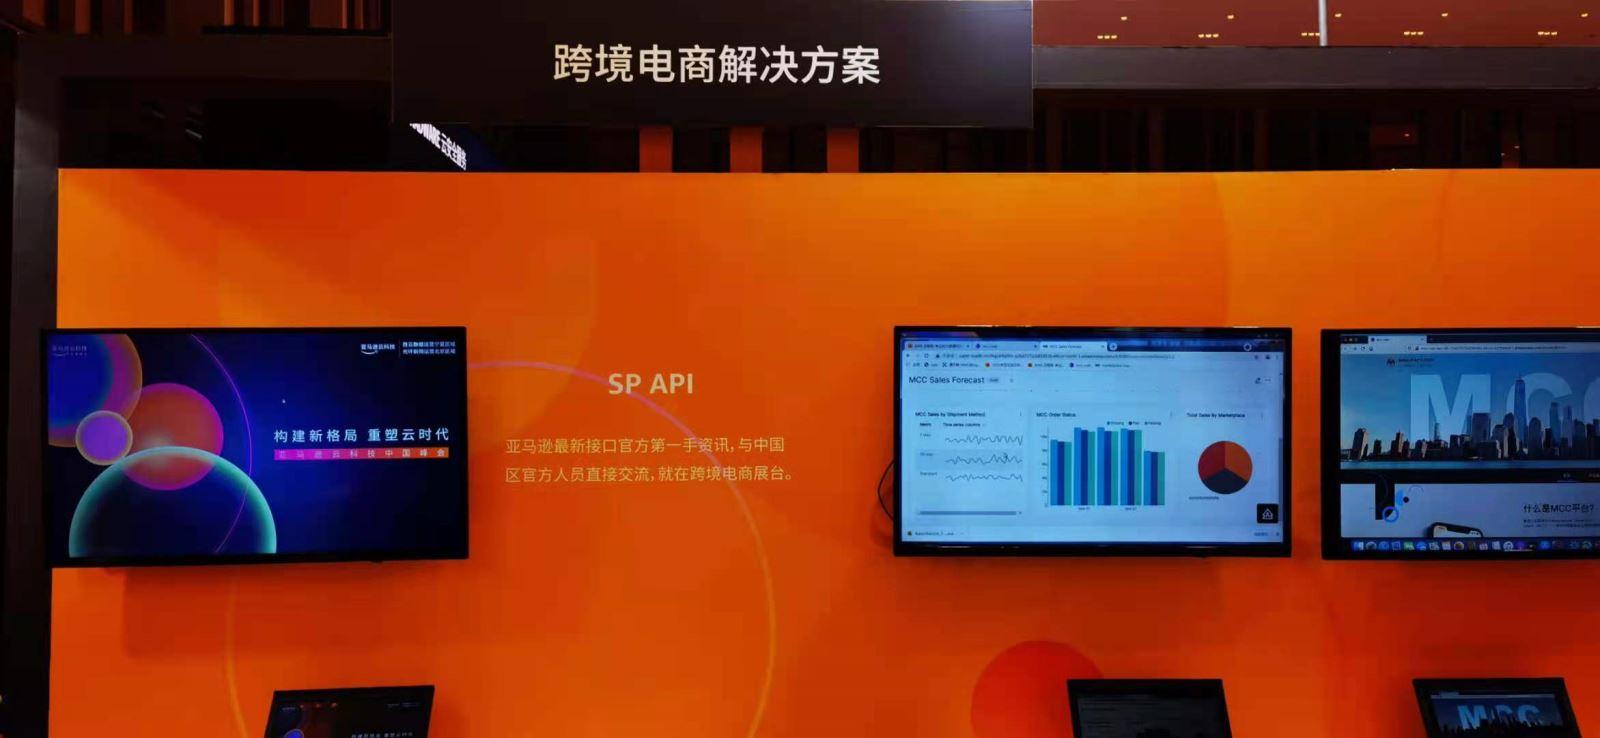 2021亚马逊云科技中国峰会上海站黑科技展示